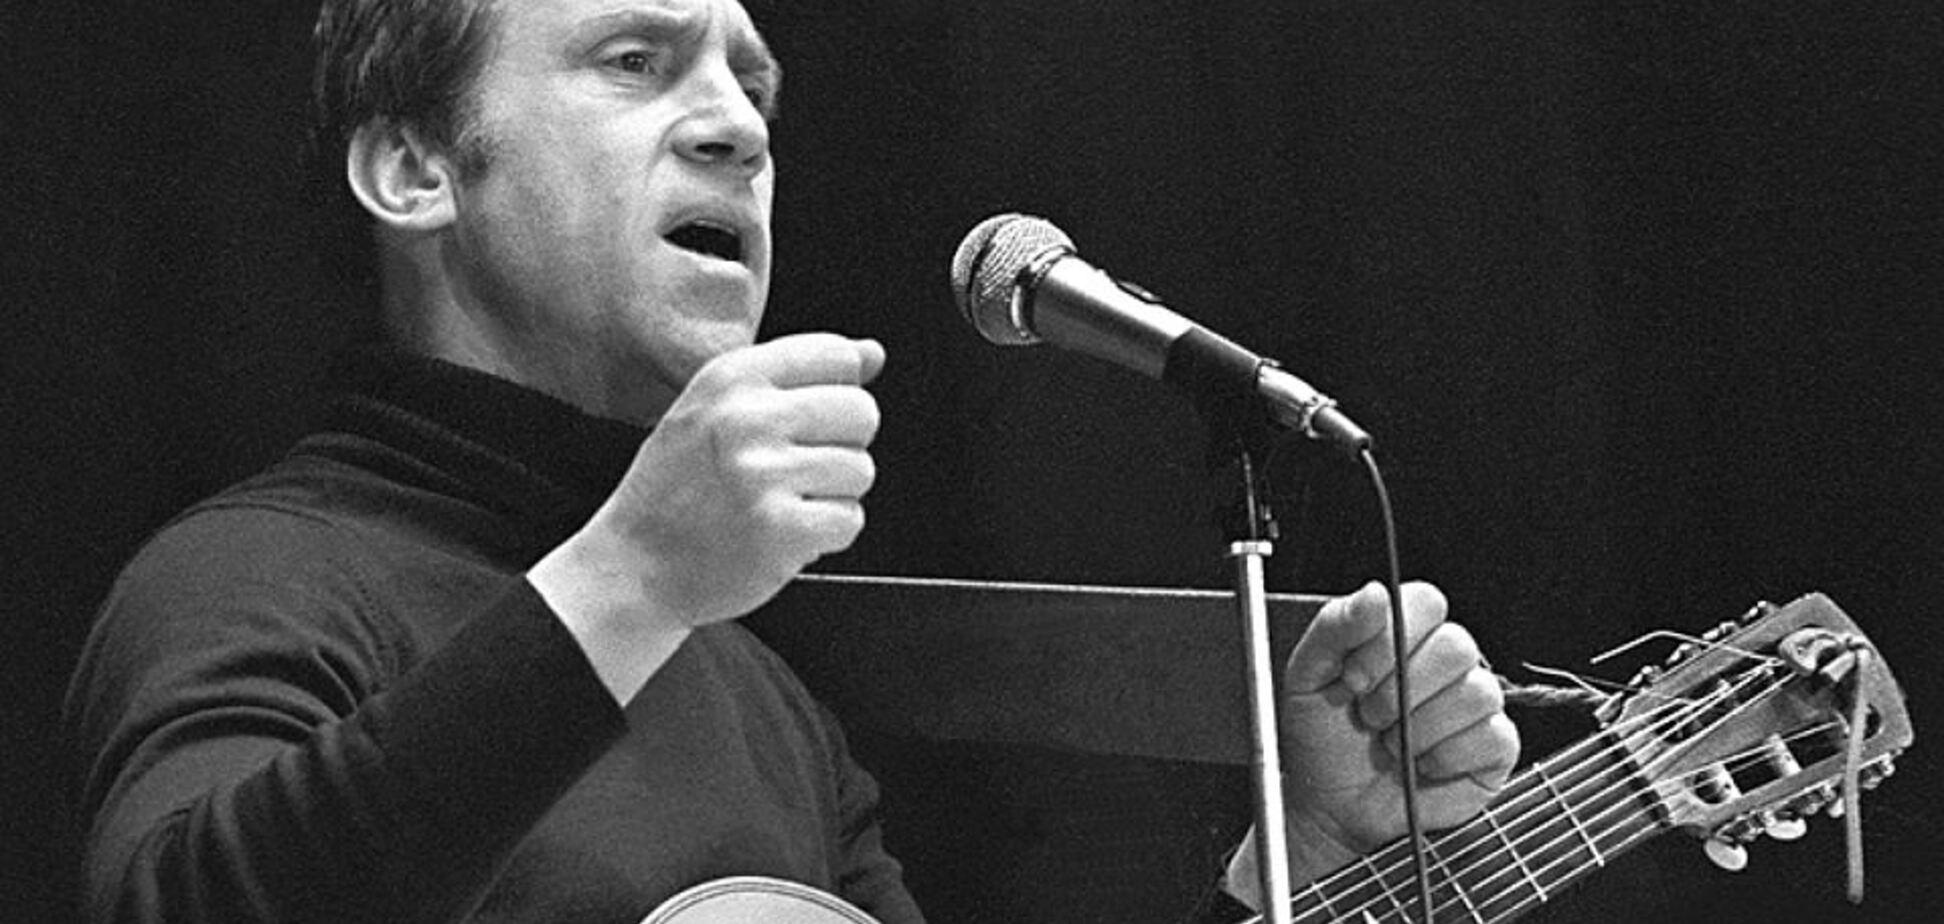 'Высоцкий - это надолго': сын советского музыканта ответил на скандальное предложение Вятровича